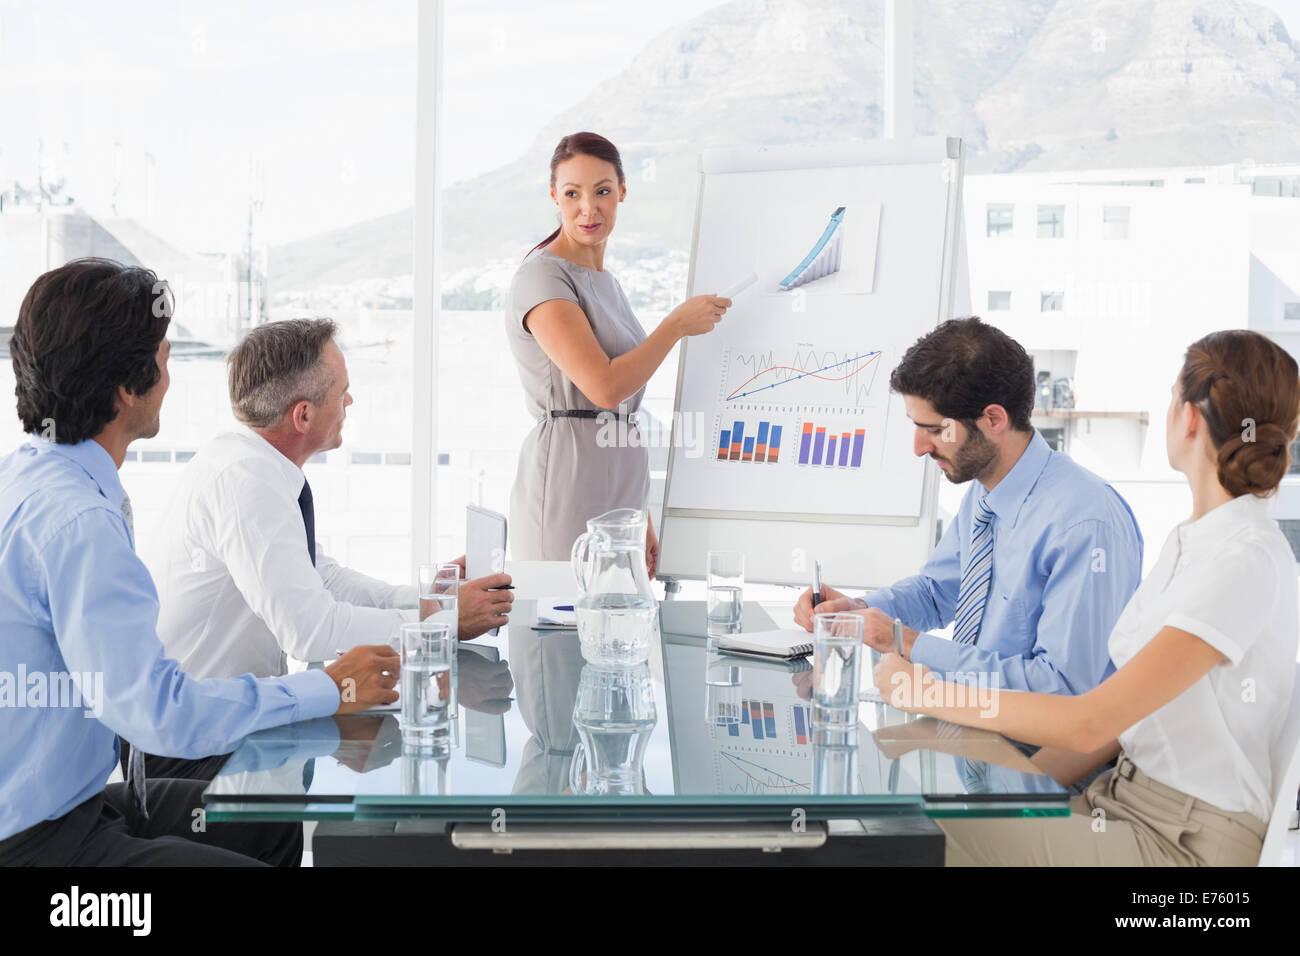 Mujer de negocios dando una presentación Imagen De Stock